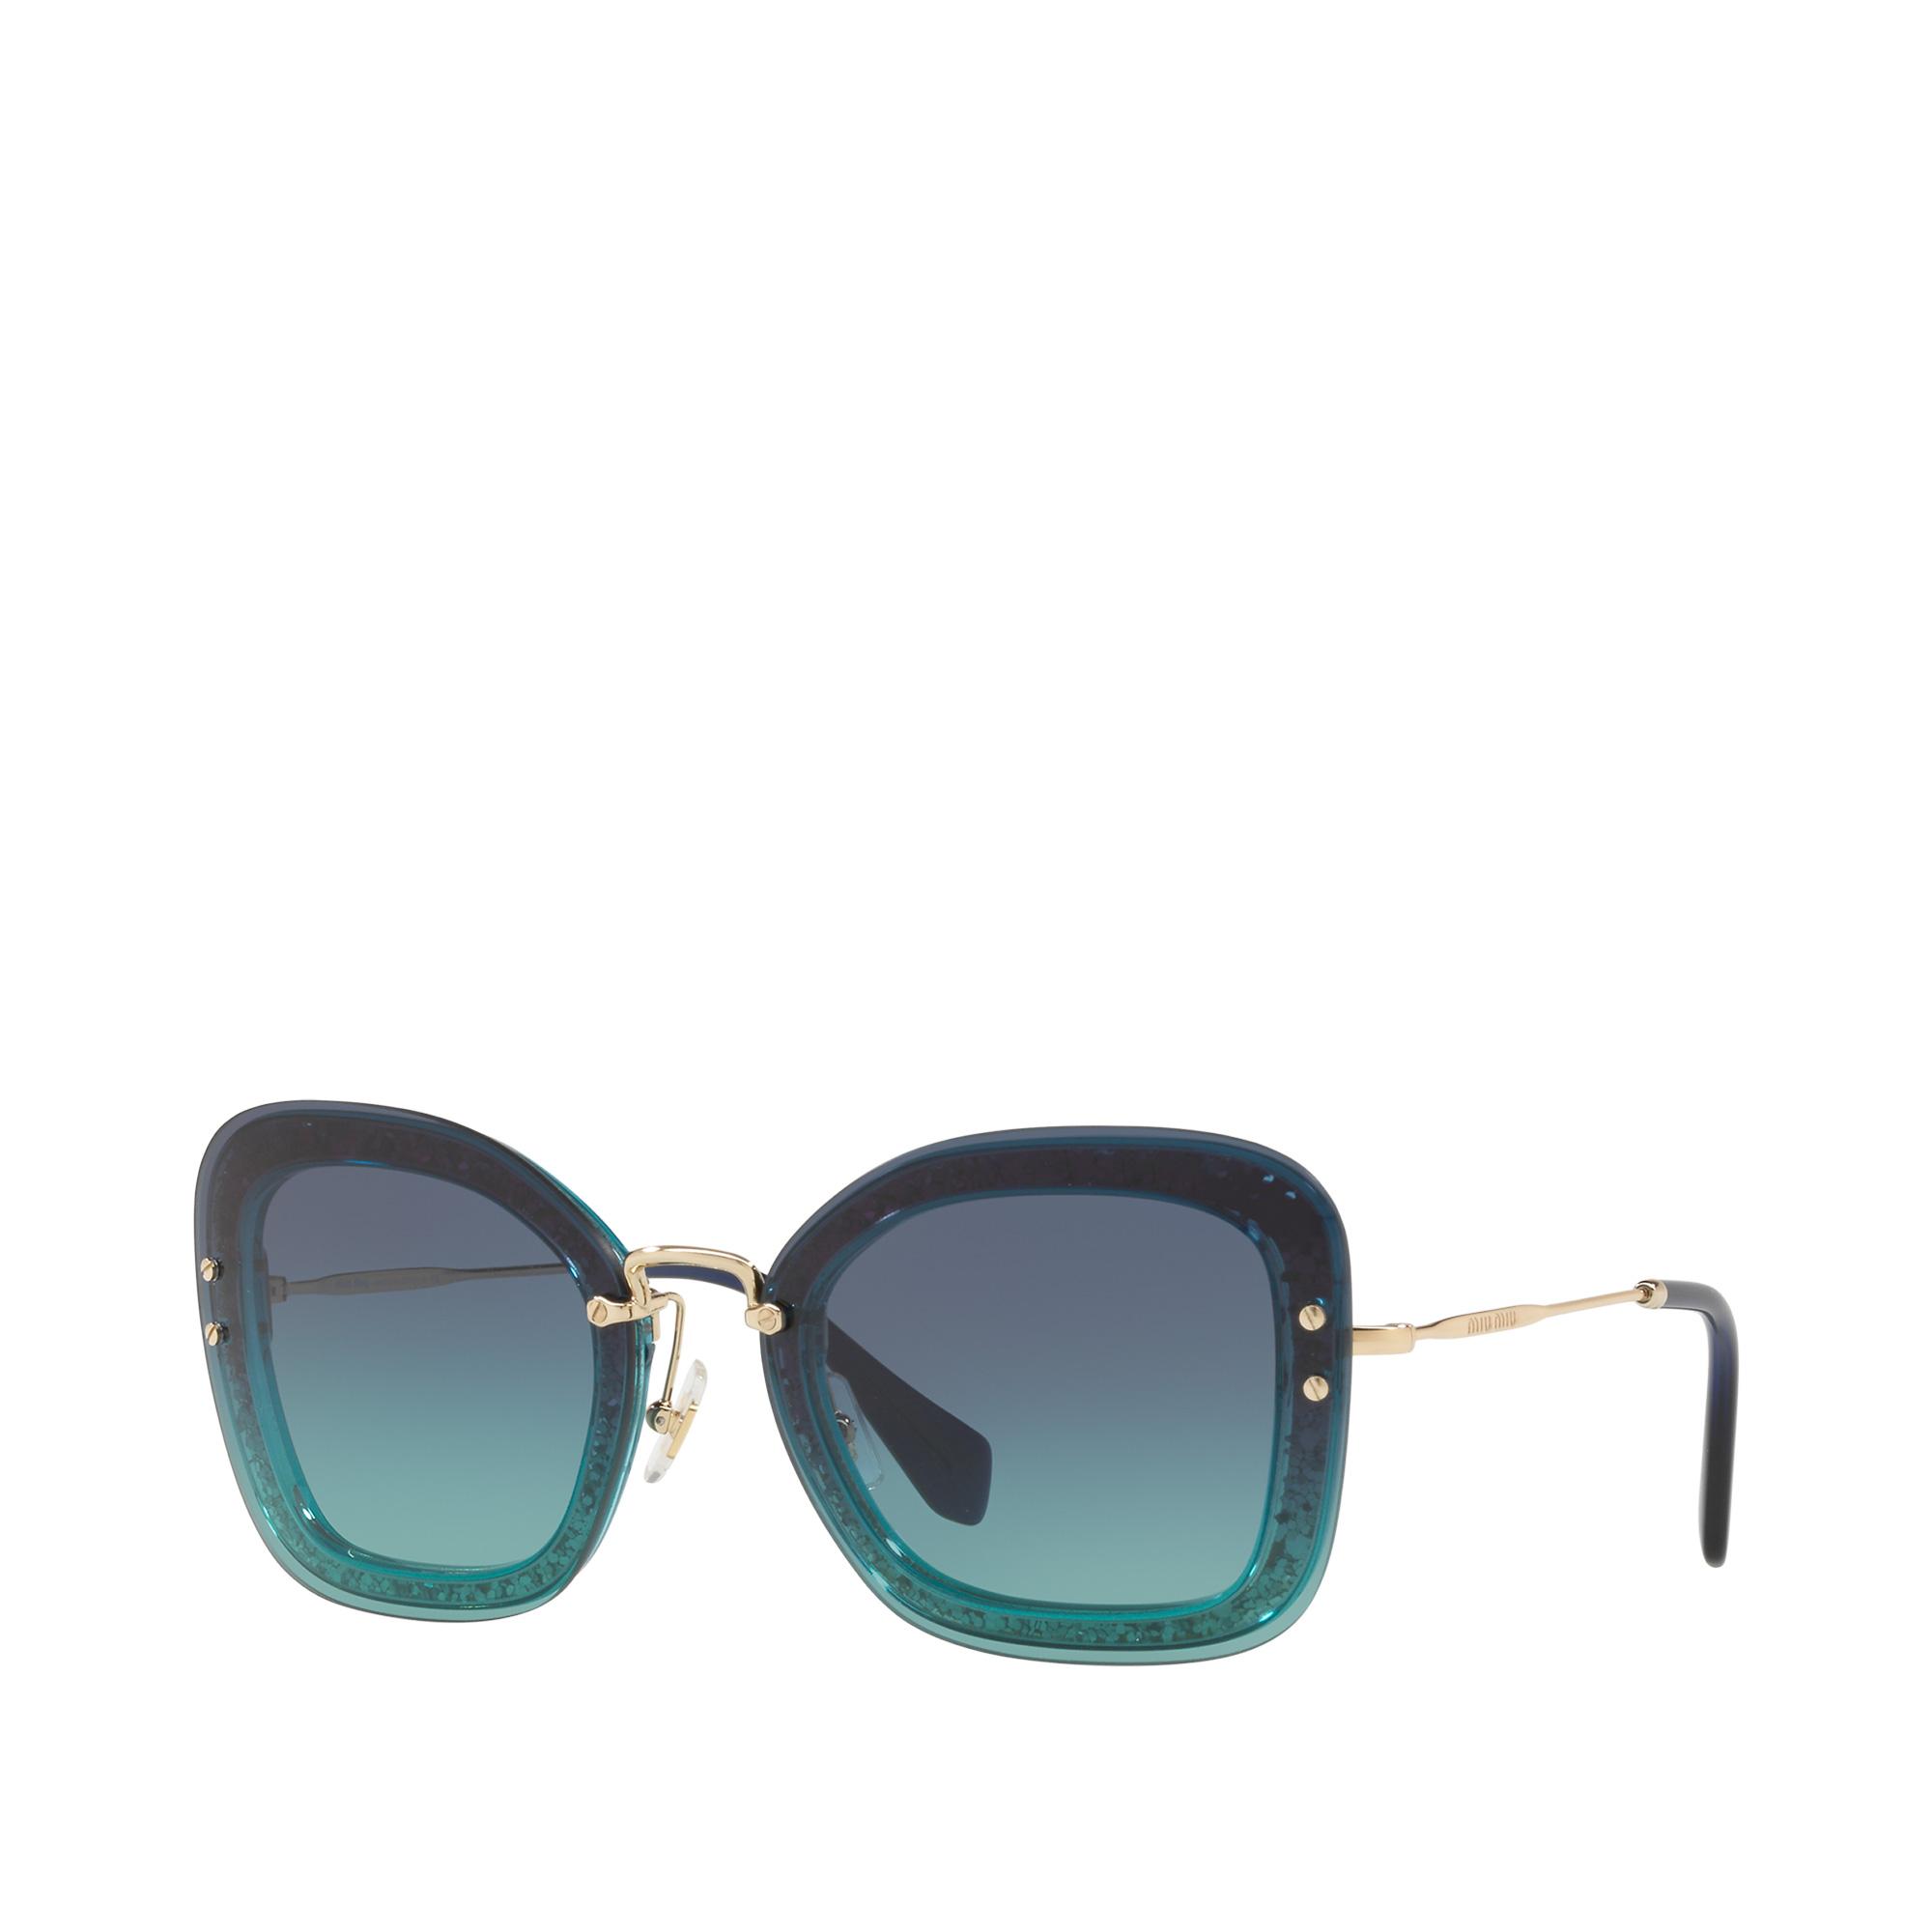 1b117803af4f Miu Miu Reveal glitter eyewear